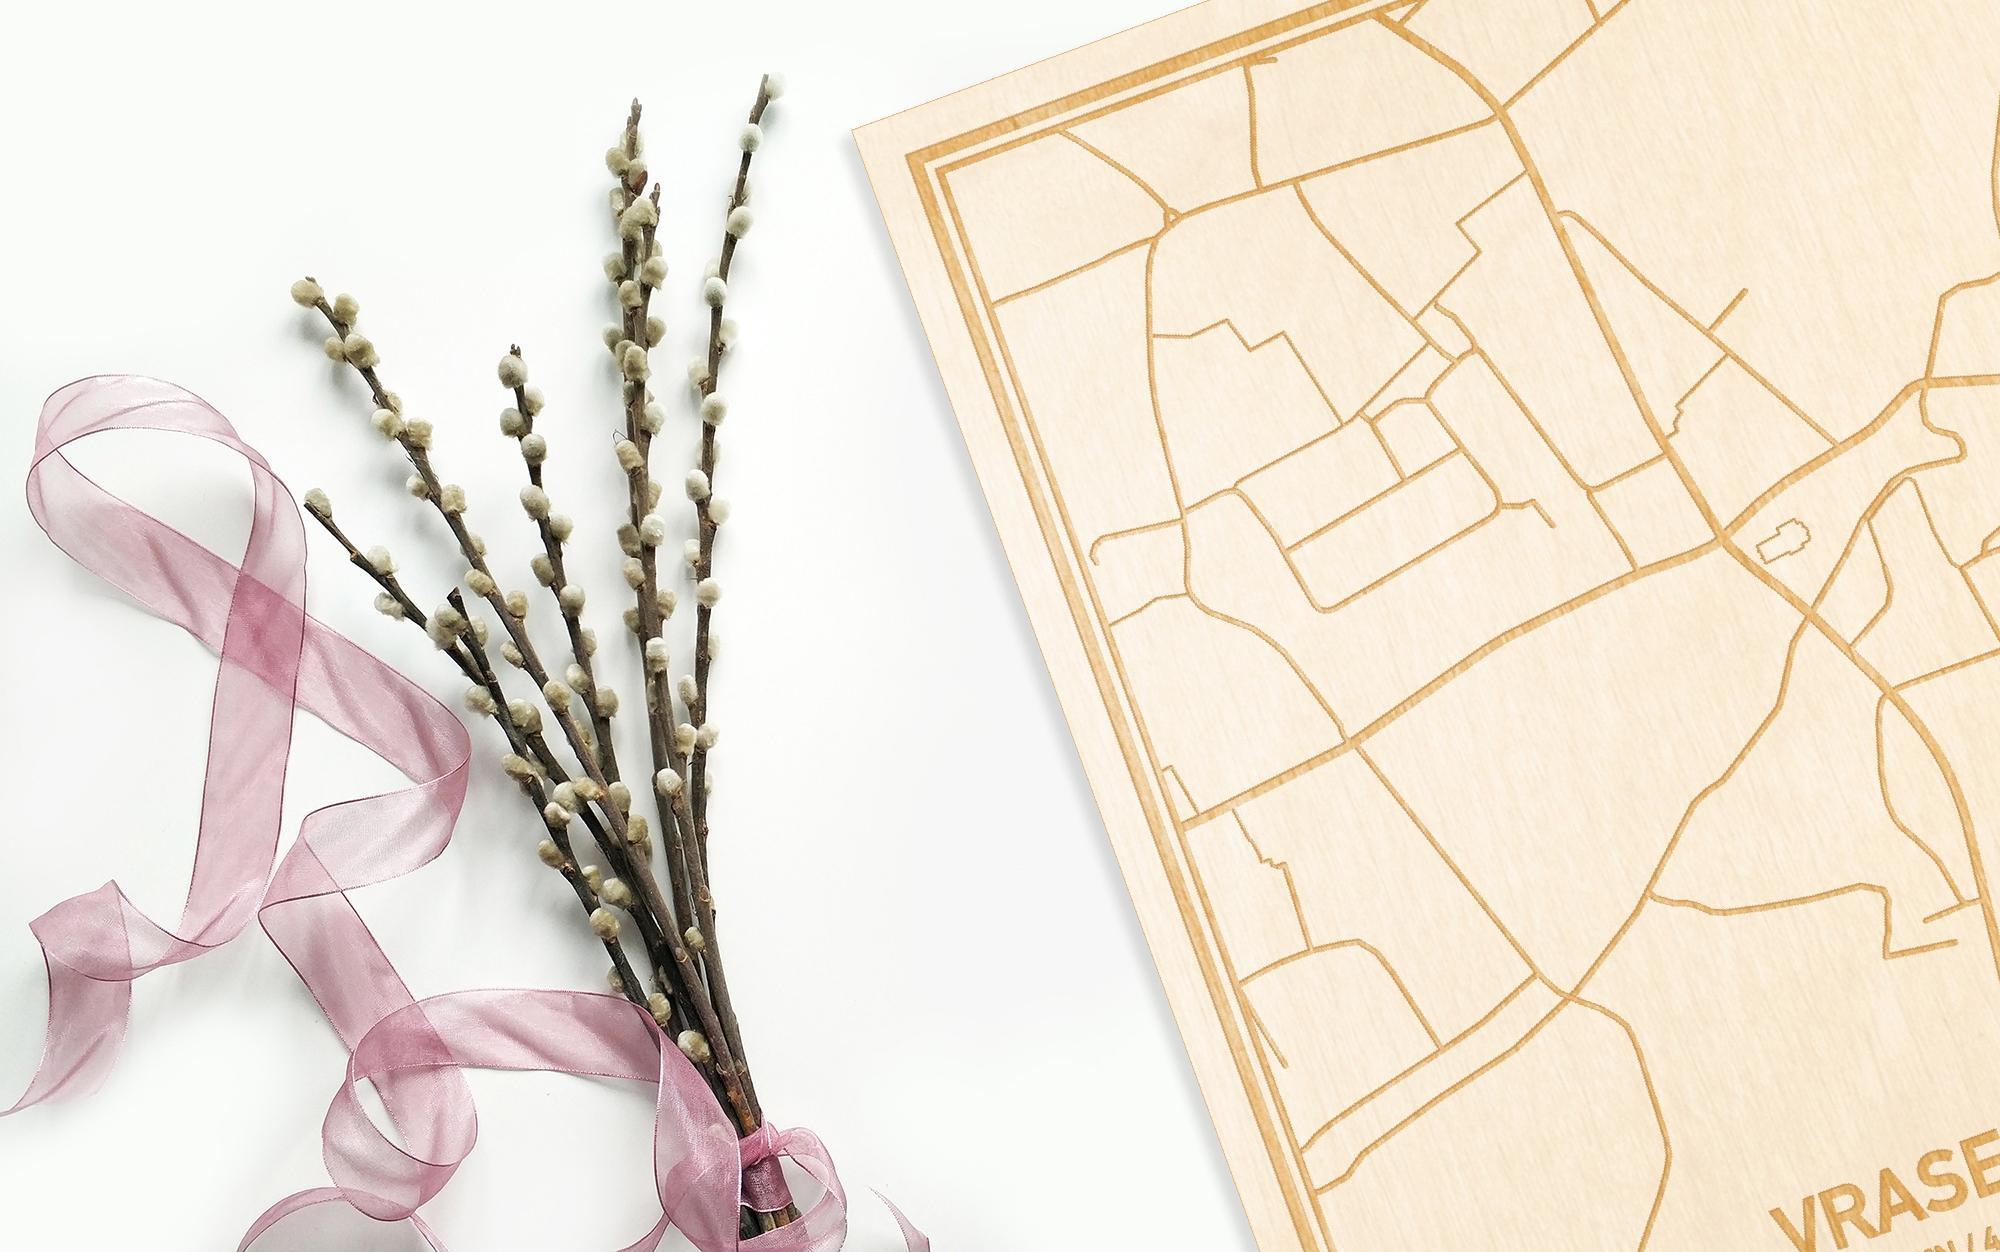 Hier ligt de houten plattegrond Vrasene naast een bloemetje als gepersonaliseerd cadeau voor haar.